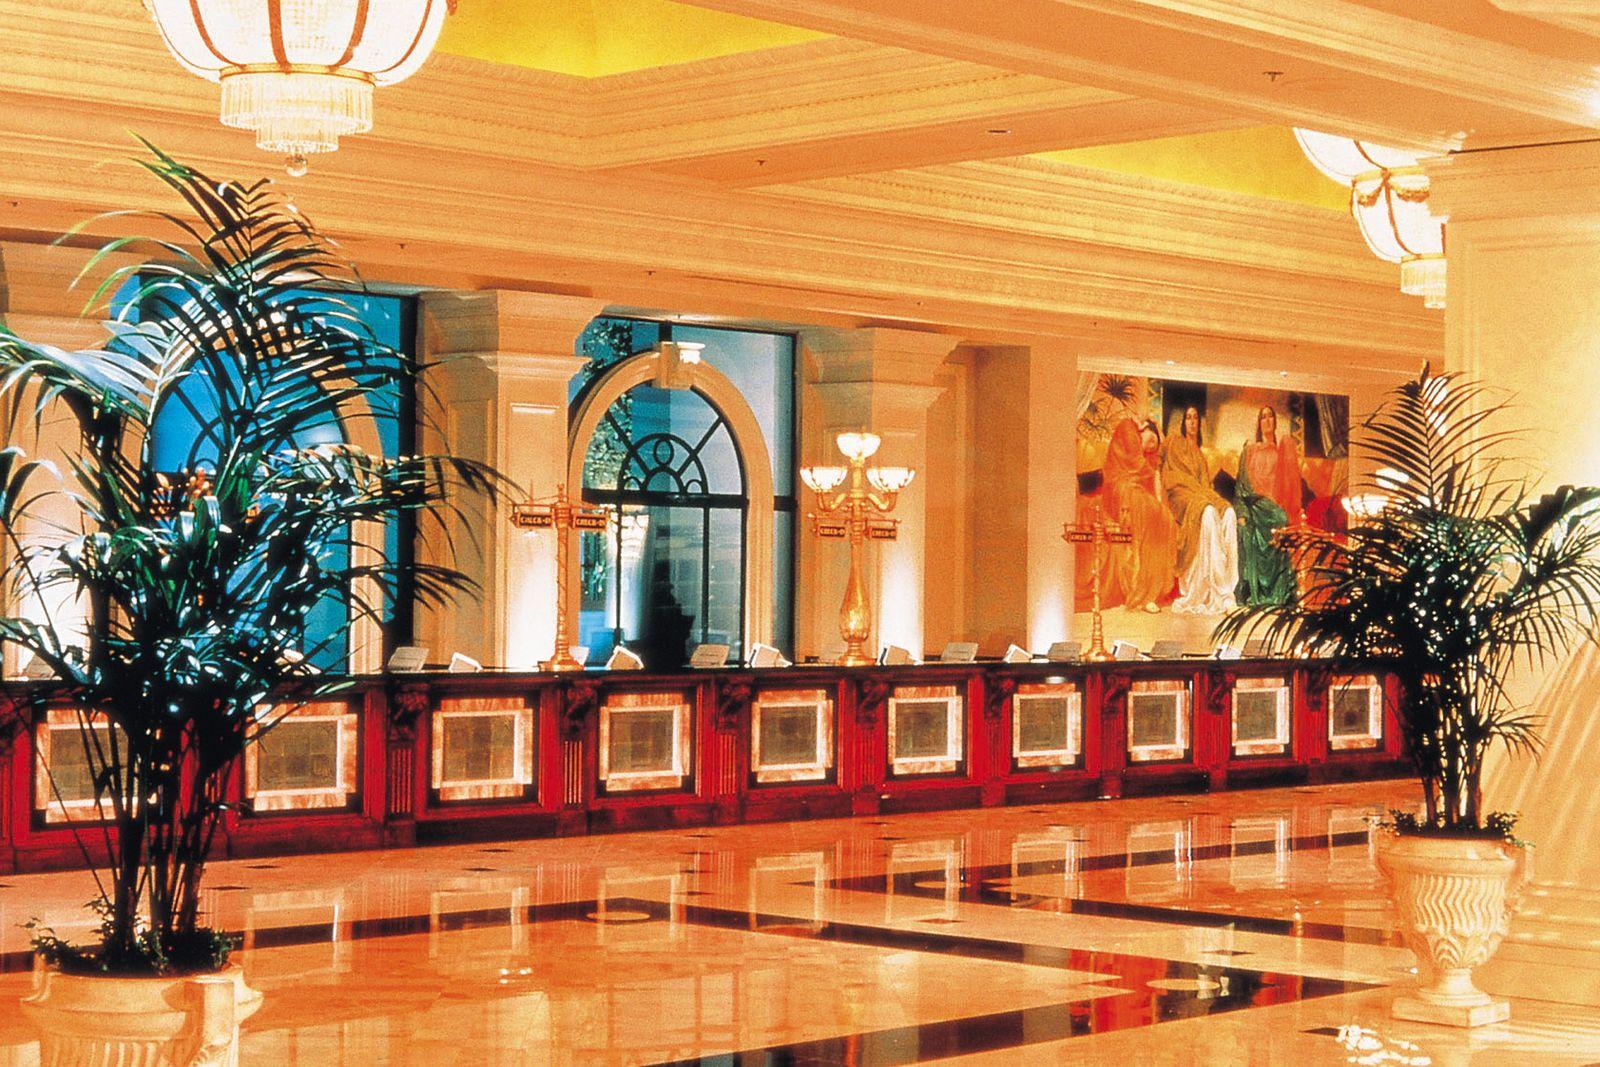 monte carlo resort and casino las vegas nevada